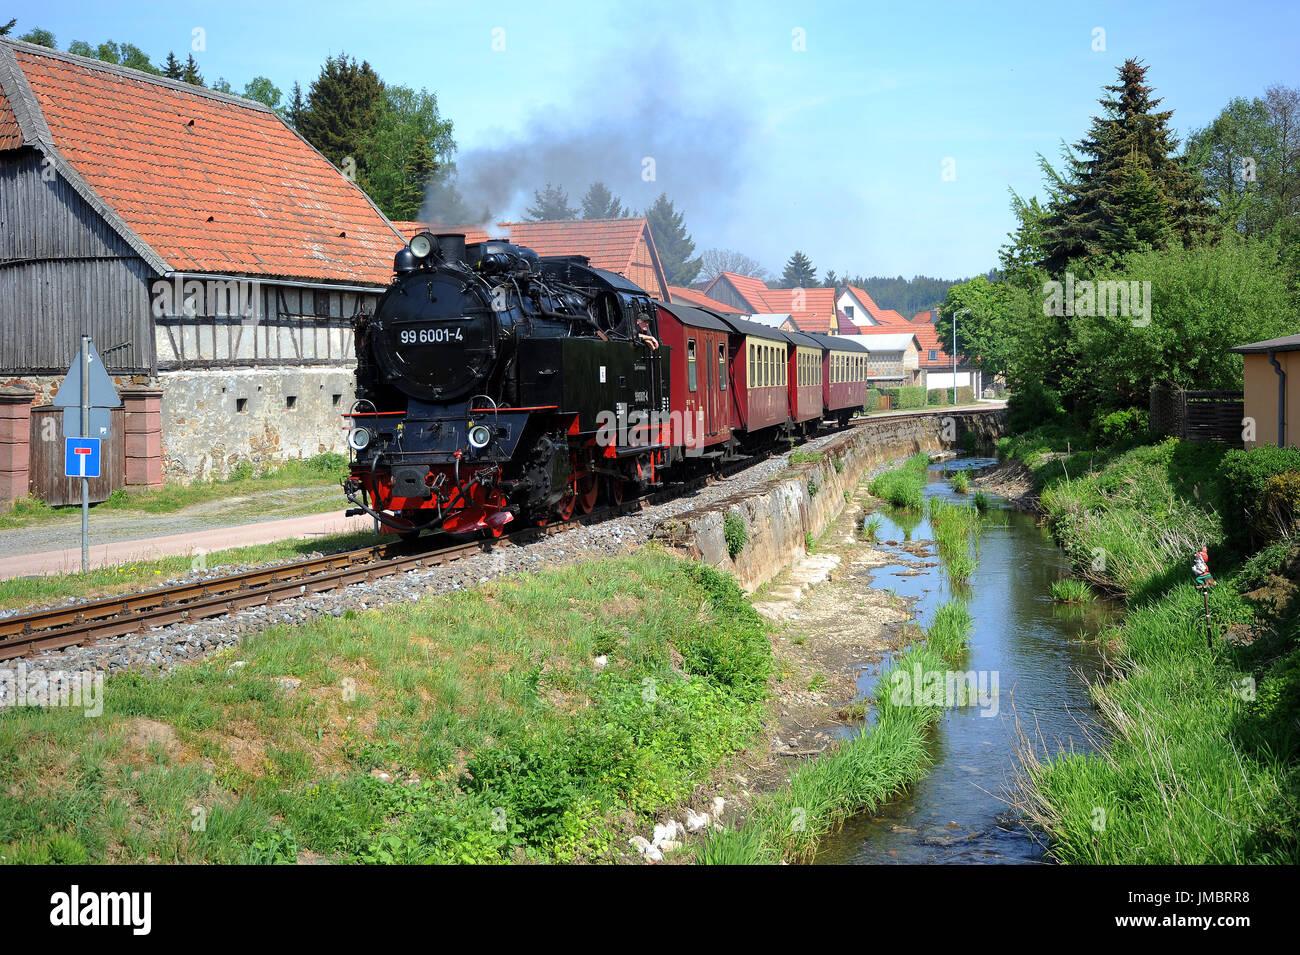 99 6001 4 Mit Dem 1357 Zug Von Gernrode Nach Hasselfelde Luft Zwischen Der K2353 Strasse Und Fluss Selke Am Strassberg